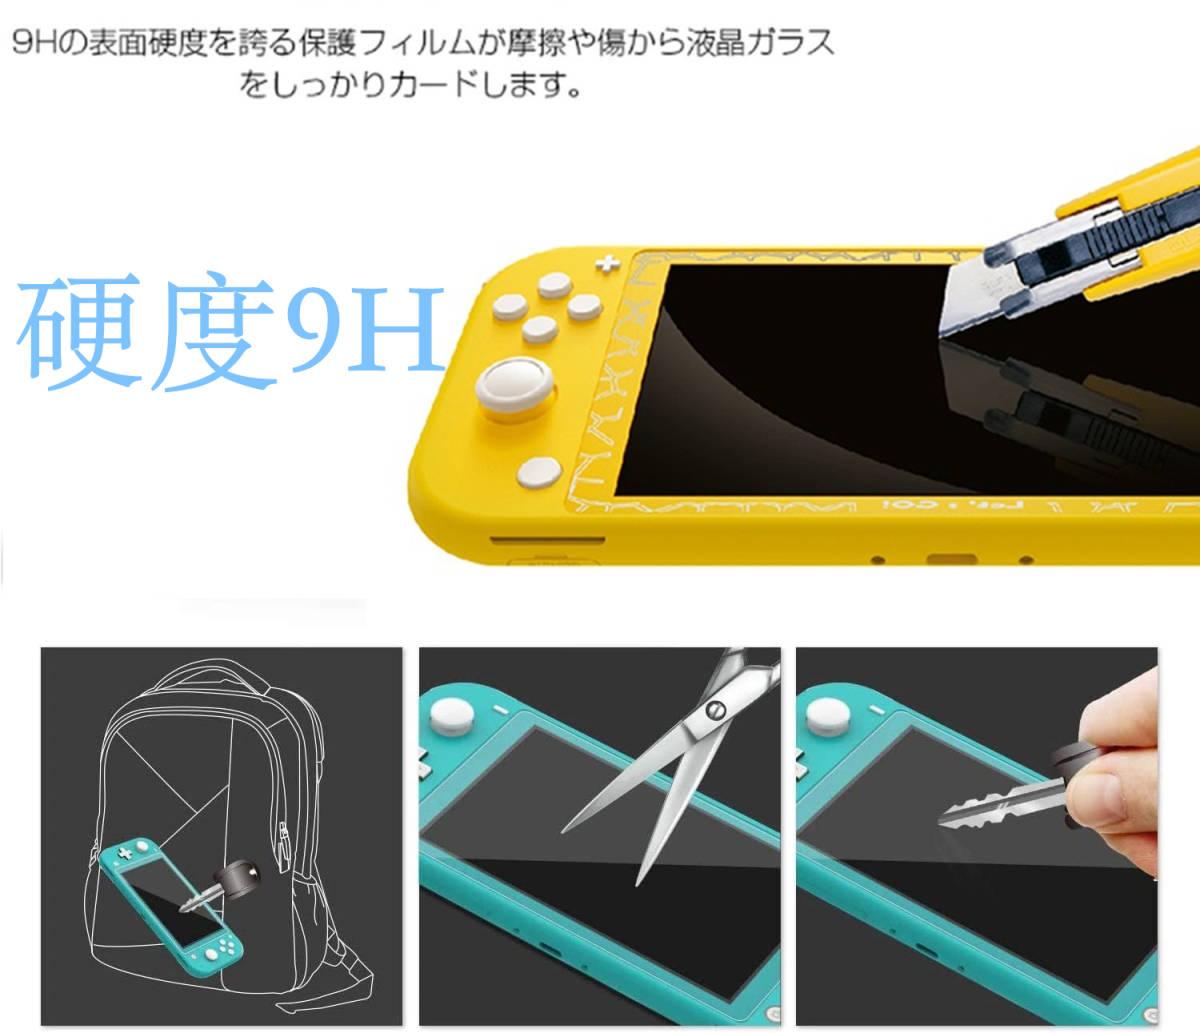 新品未開封 Nintendo Switch Lite用 ガラスフィルム 任天堂ニンテンドー スイッチ 強化ガラス 保護フィルム 硬度 9H ブルーライトカット_画像3